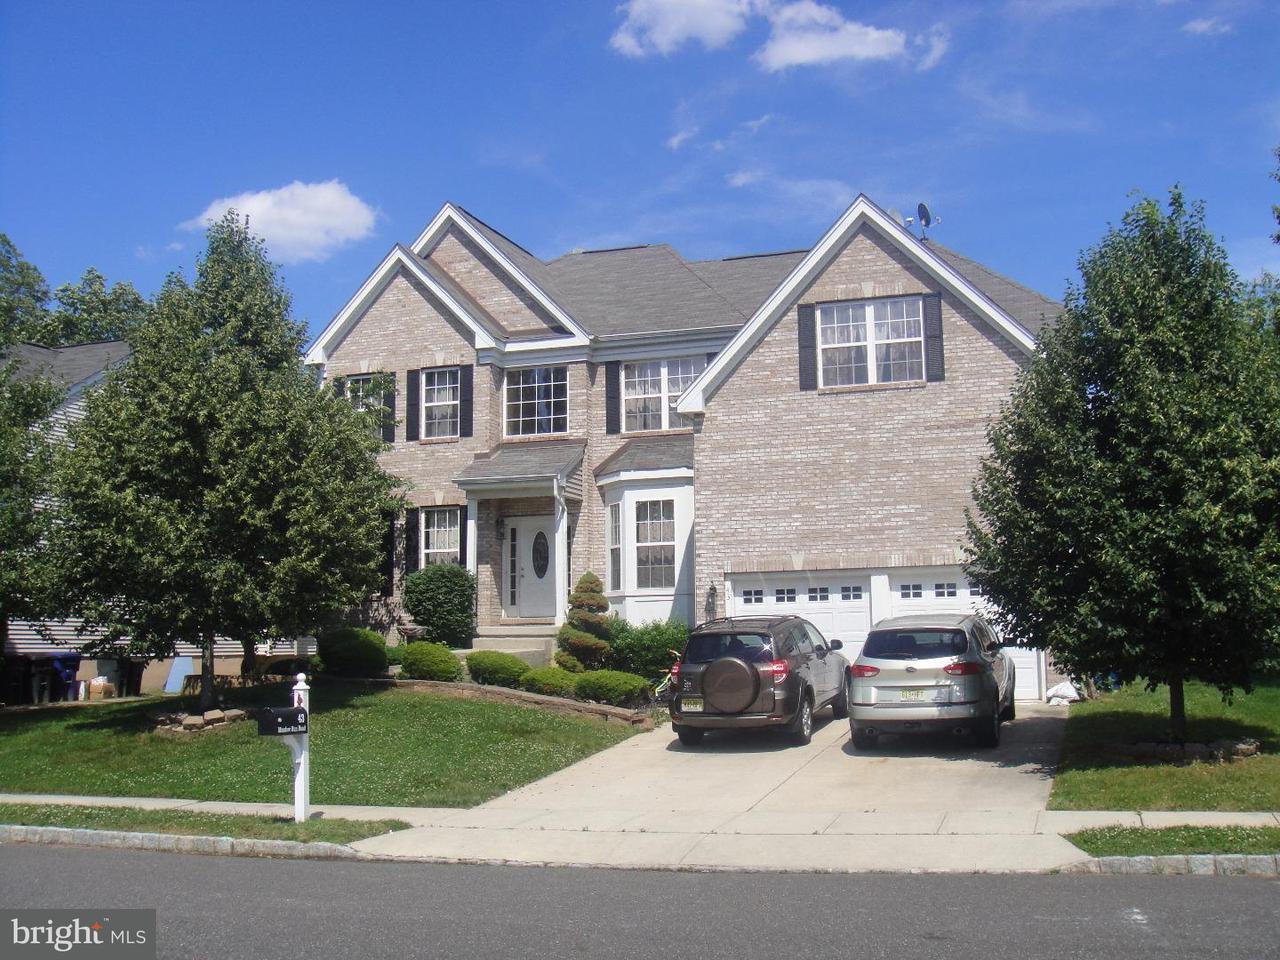 独户住宅 为 销售 在 43 MEADOW RUN Road 波登镇, 新泽西州 08505 美国